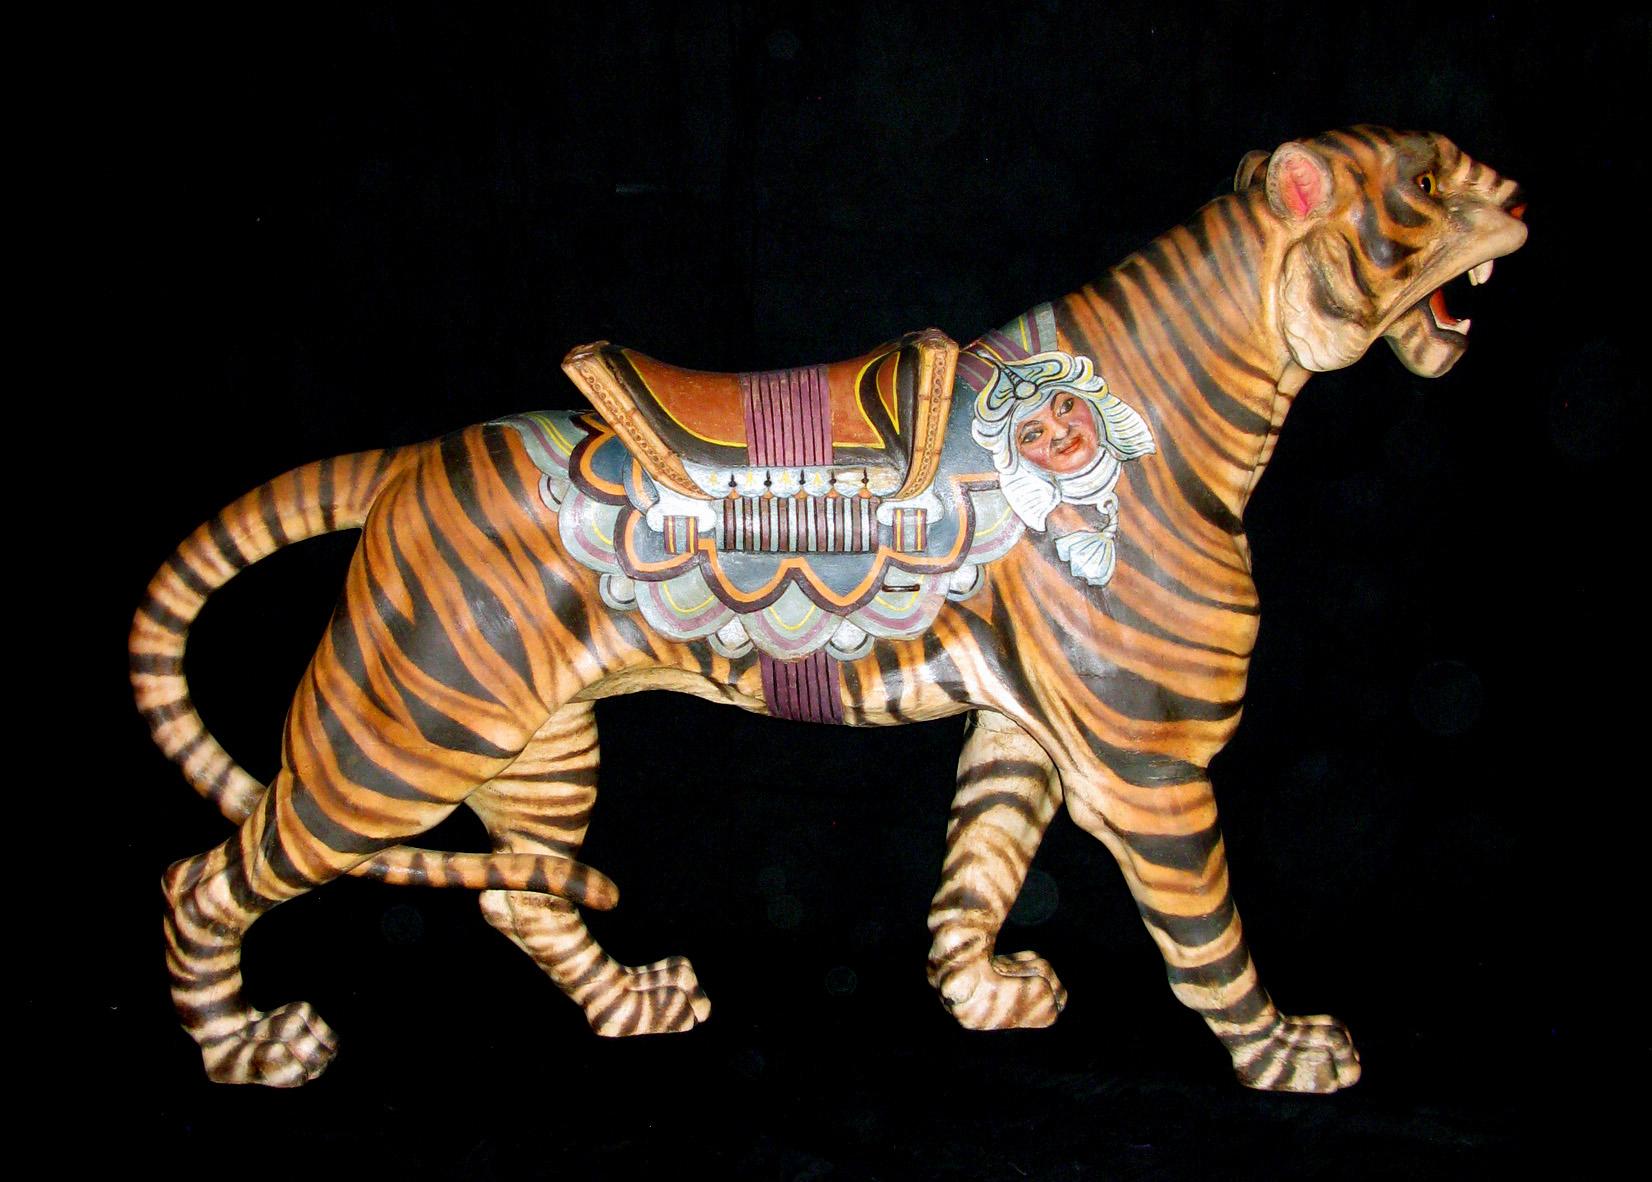 - CAROUSEL TIGERS -